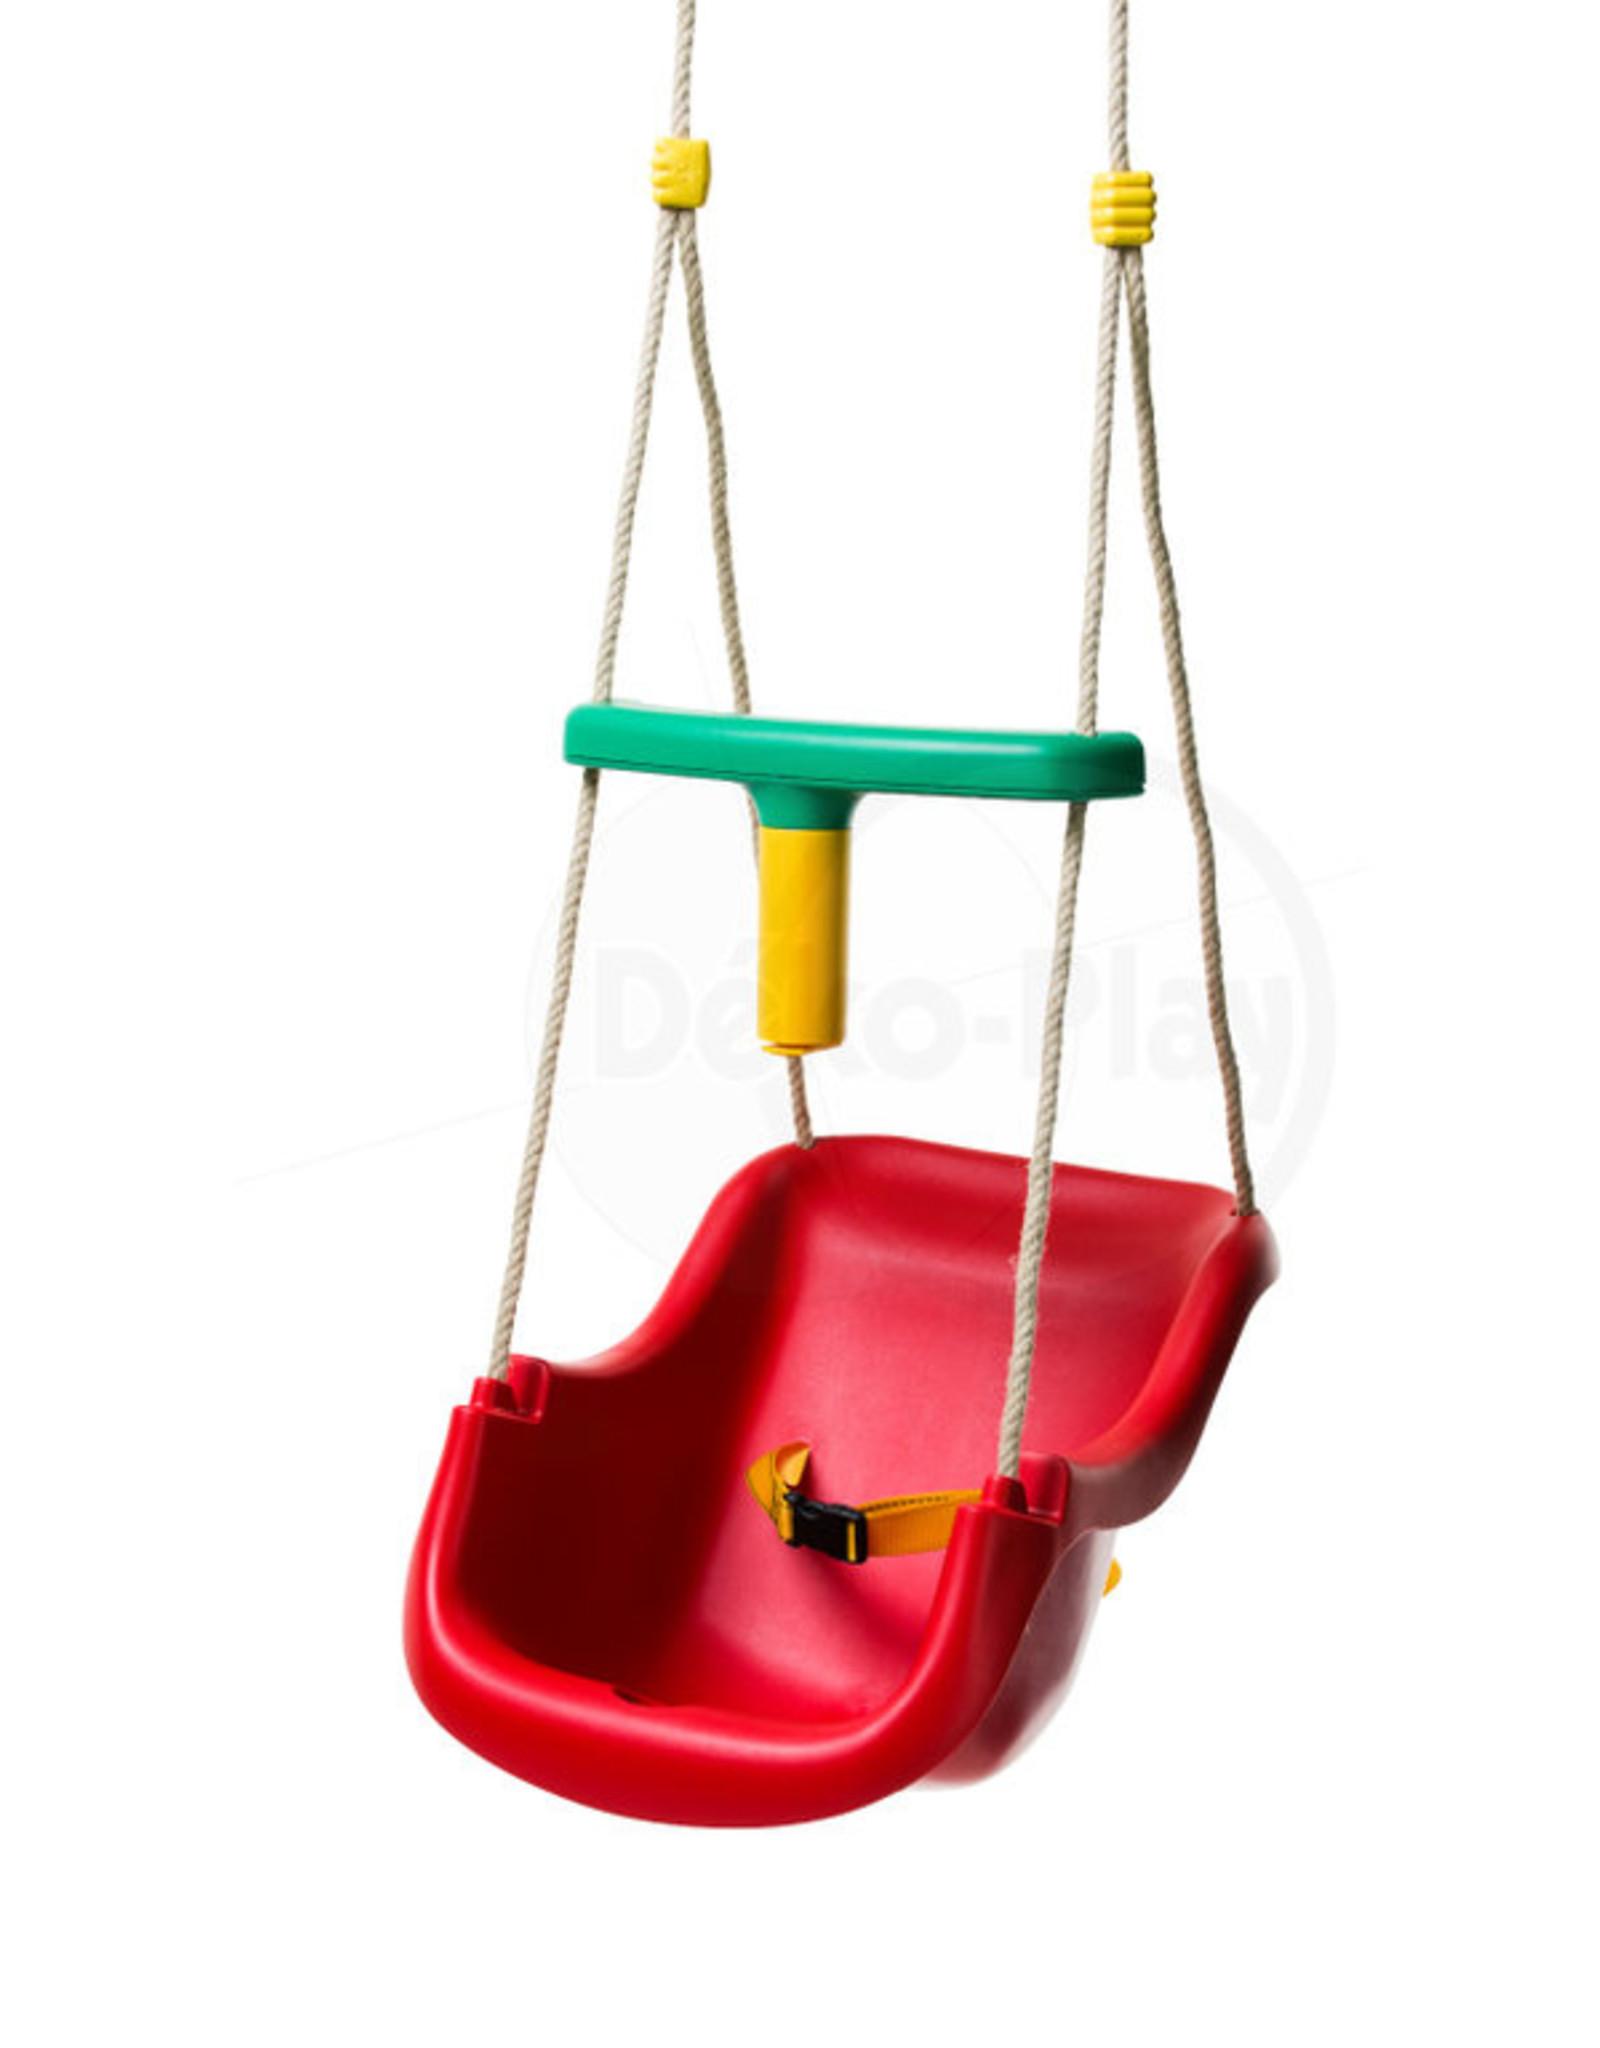 Déko-Play Déko-Play peuter schommelstoel Blauw met PH touwen